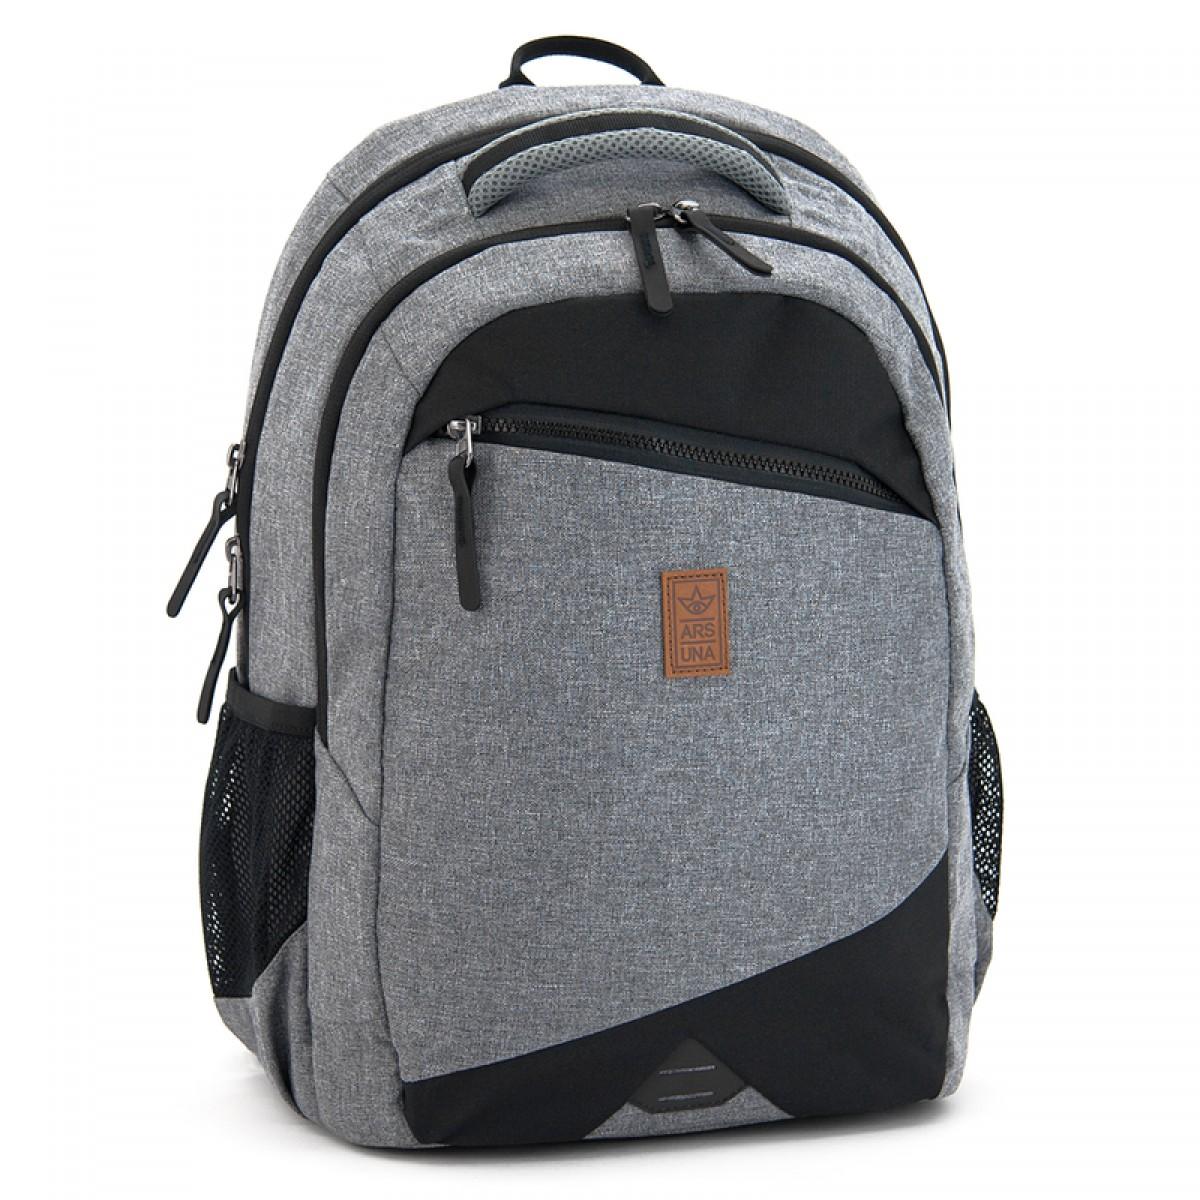 bfb6a6fda3ce ARS UNA 08 ergonomikus hátizsák, iskolatáska 91315328